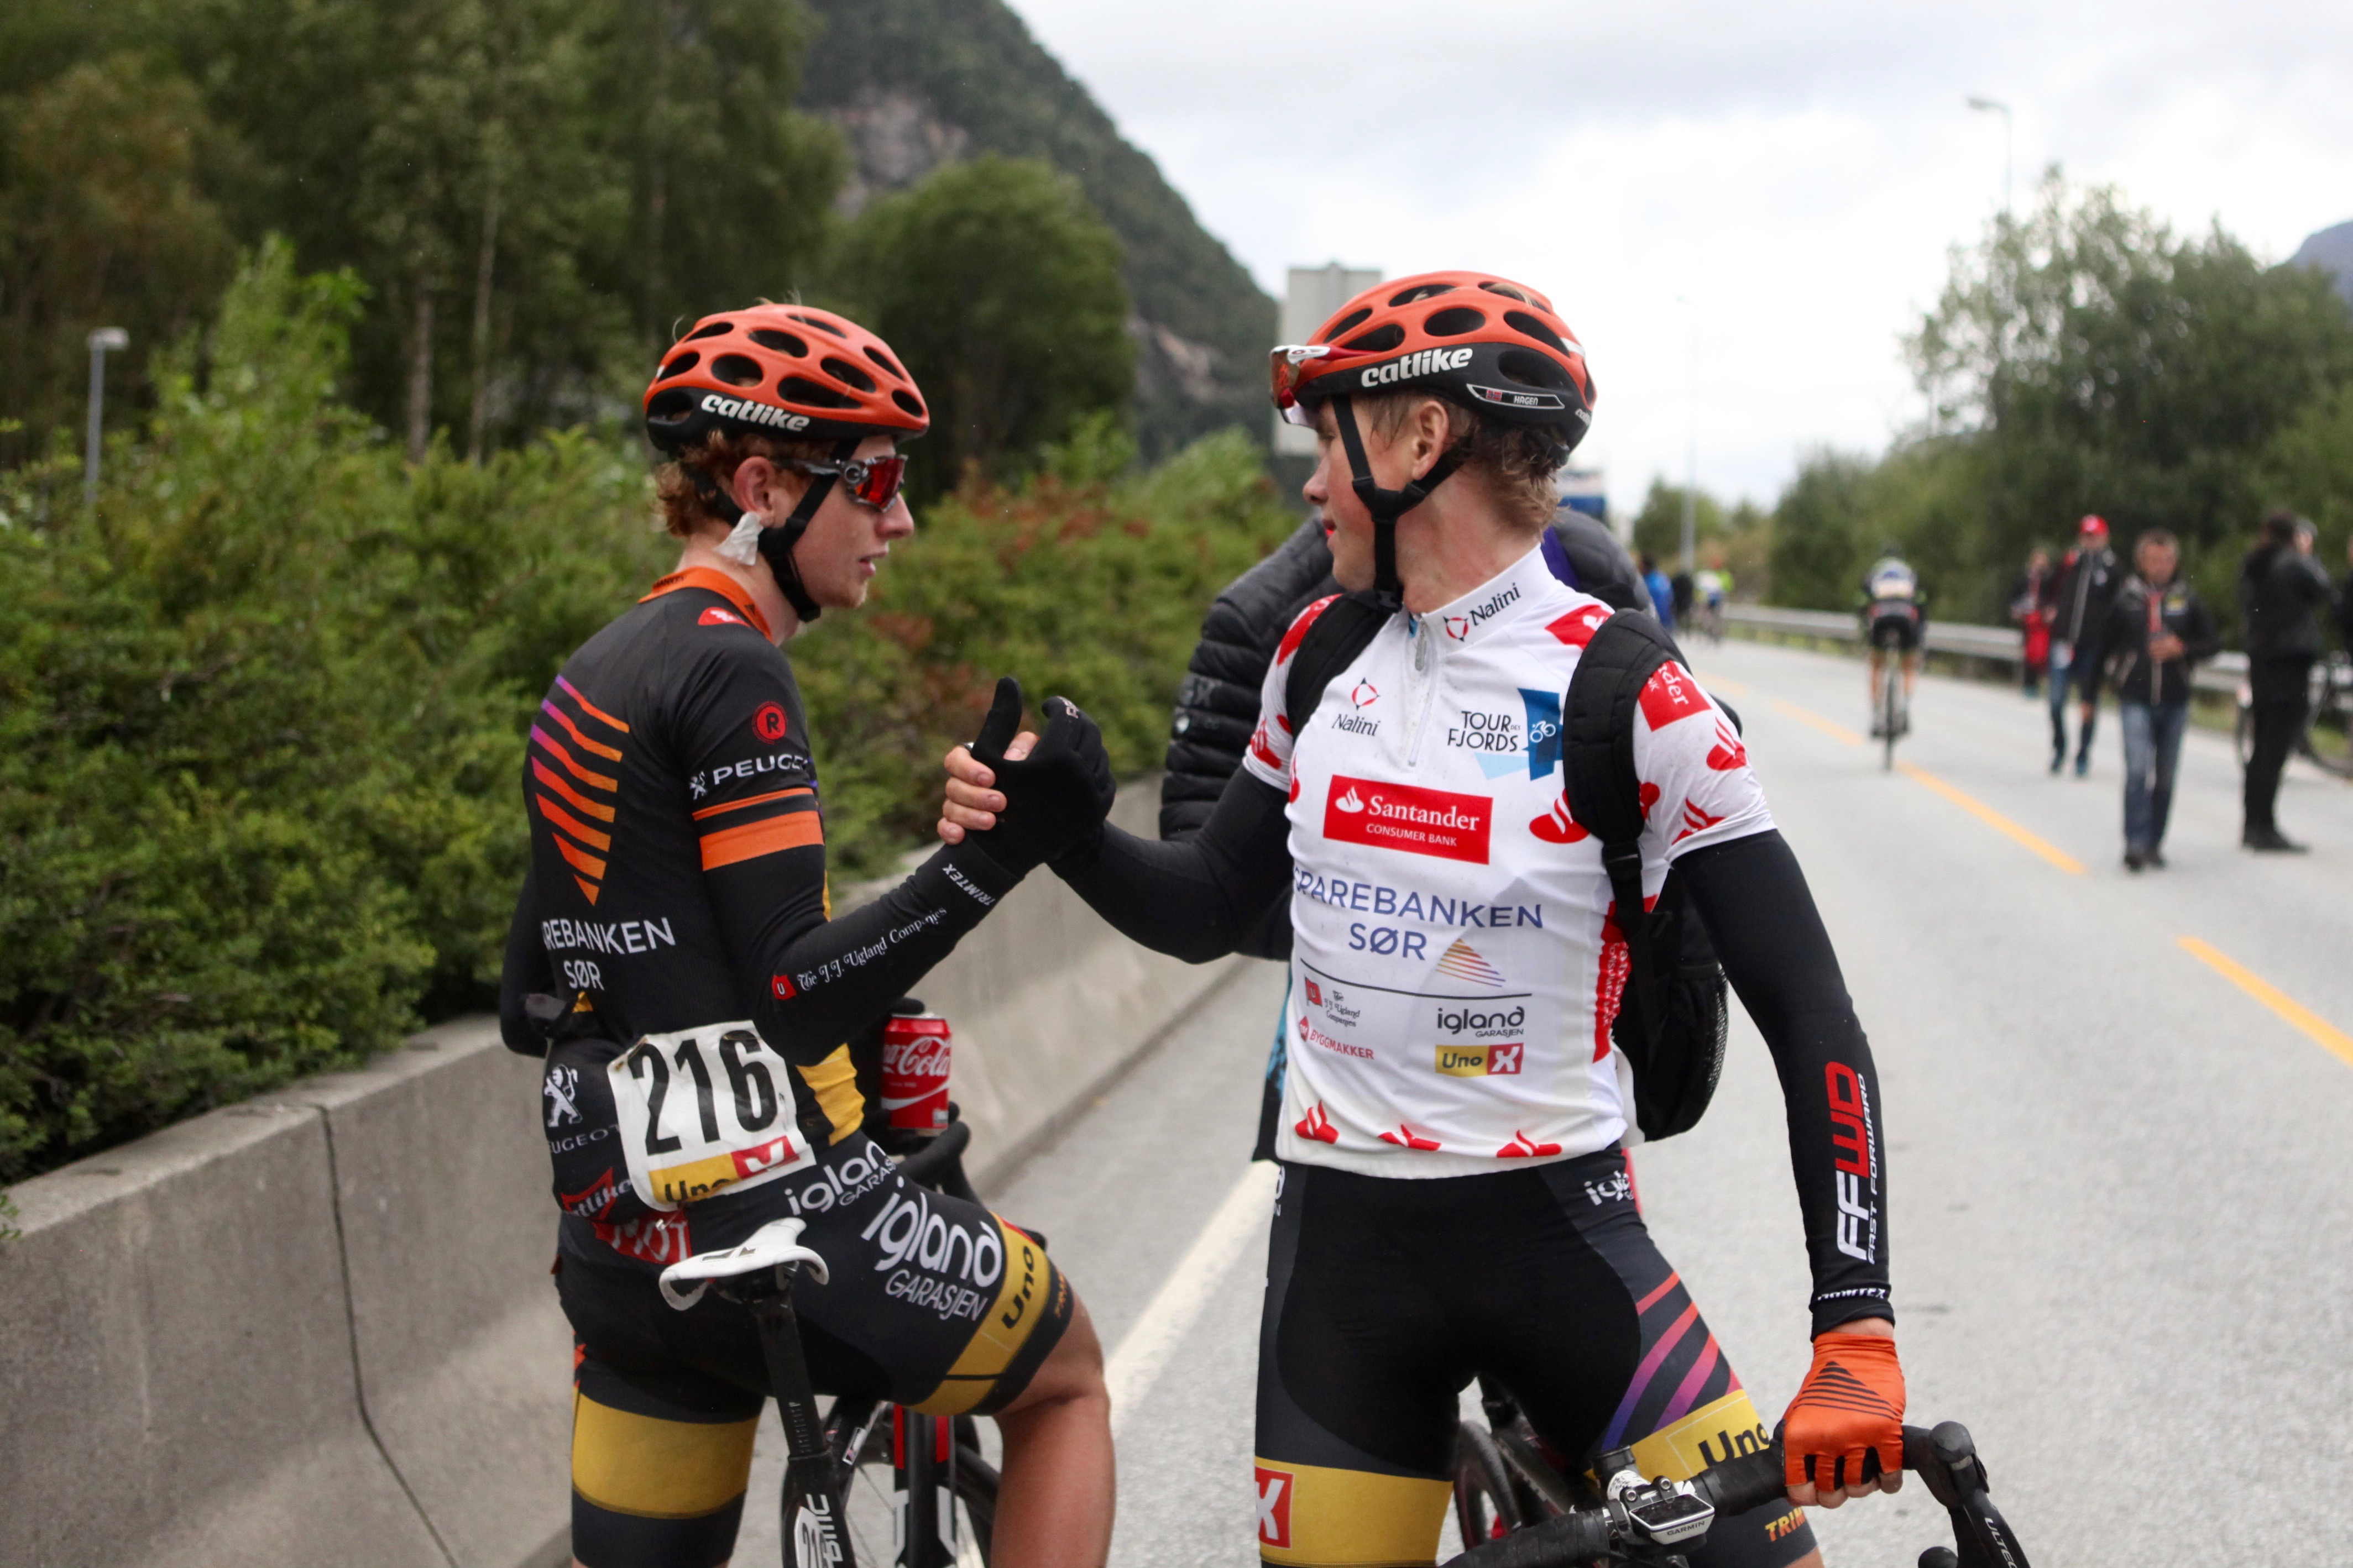 HVEM SKAL TA STEGET? Det var godt gjort av Carl Fredrik Hagen å ta klatretrøyen i Tour des Fjords, men hvor var etappeseieren? Og hvem skal erstatte ham i neste års mannskap? Foto: Kjetil R. Anda / procycling.no